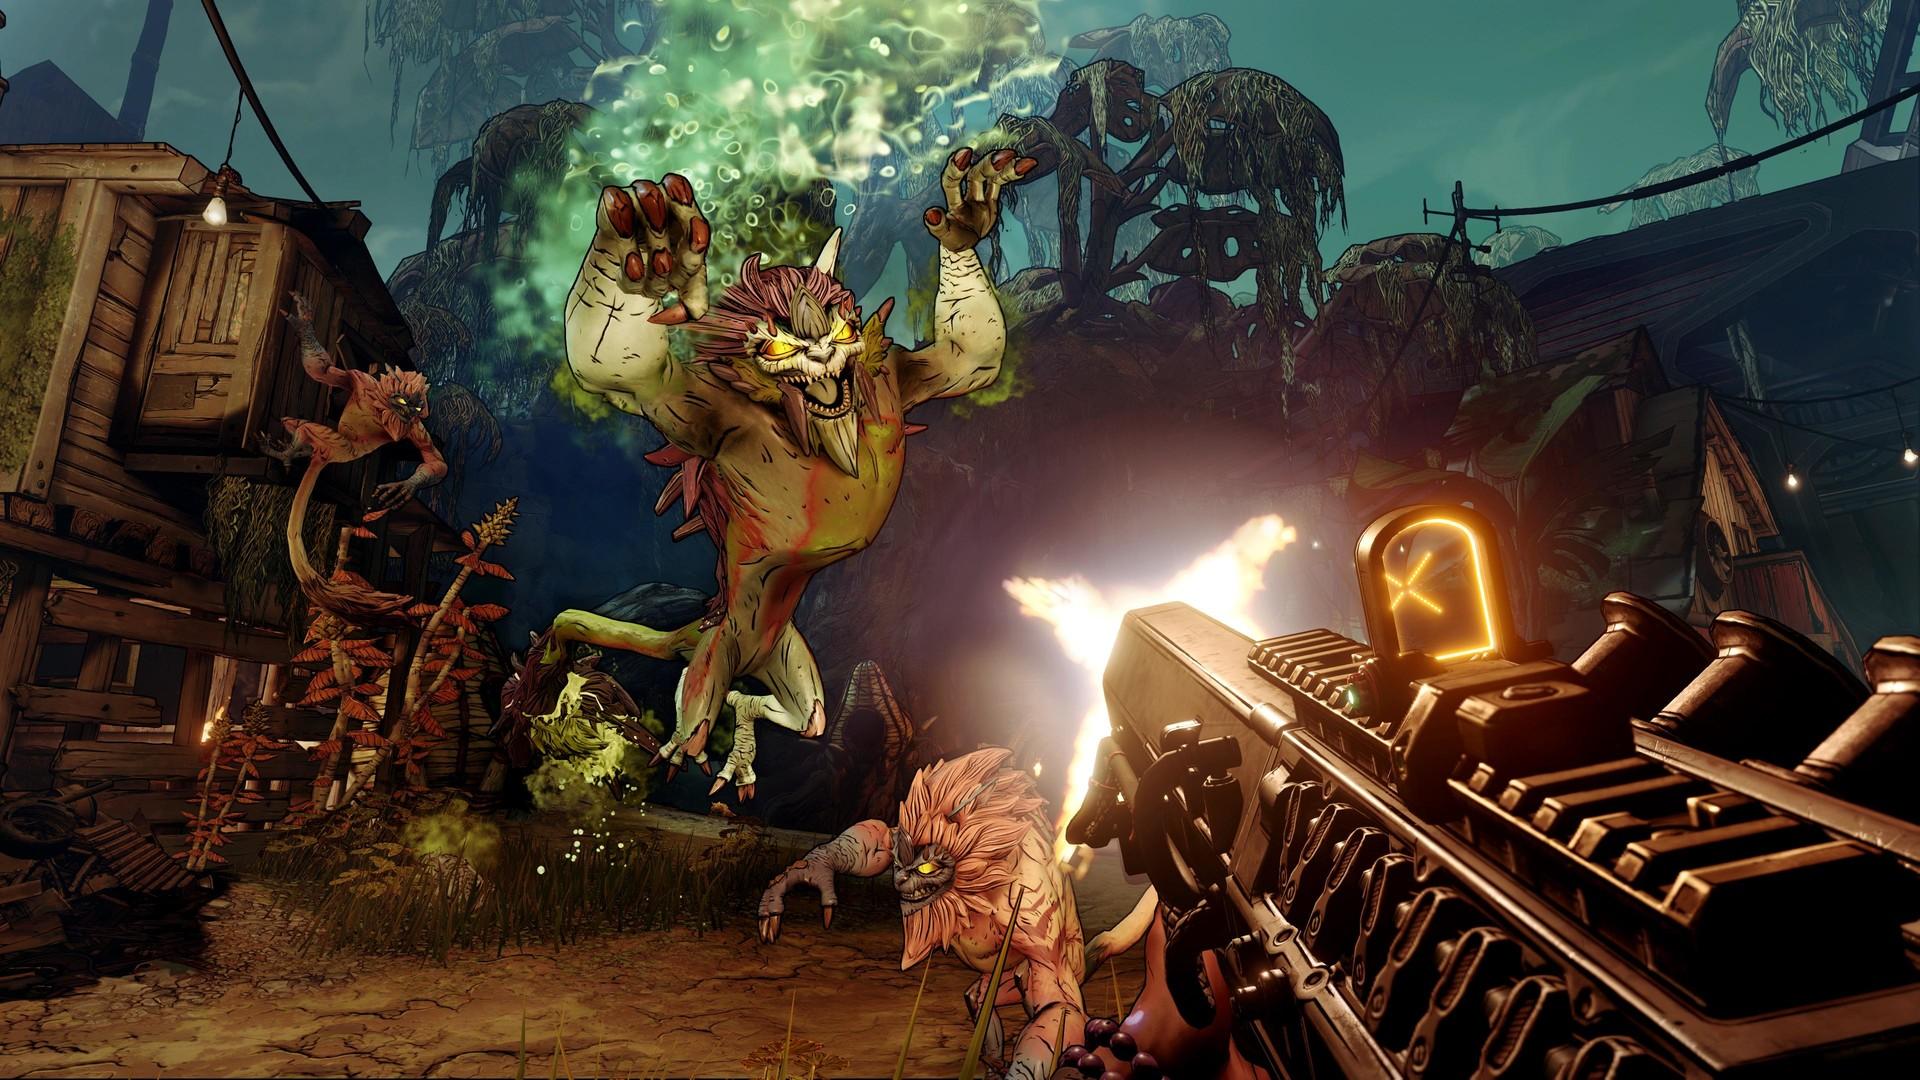 The best games like Diablo: Borderlands series